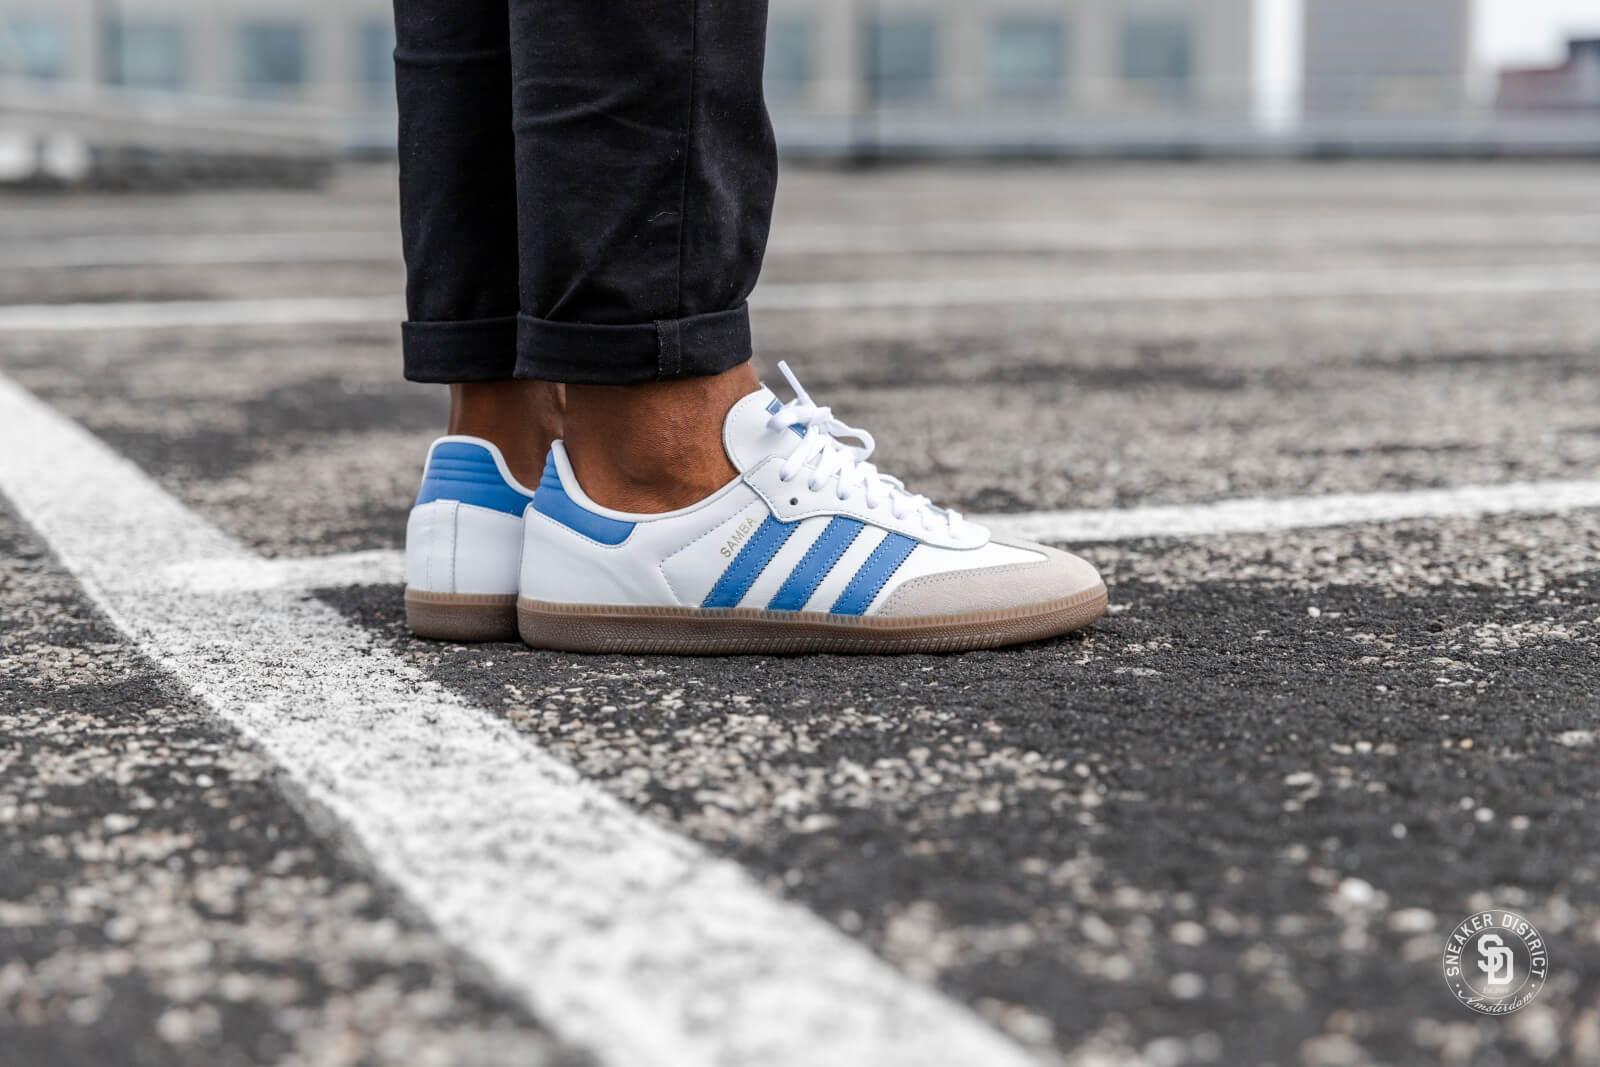 Adidas Samba OG Footwear WhiteTrace Royal B44629